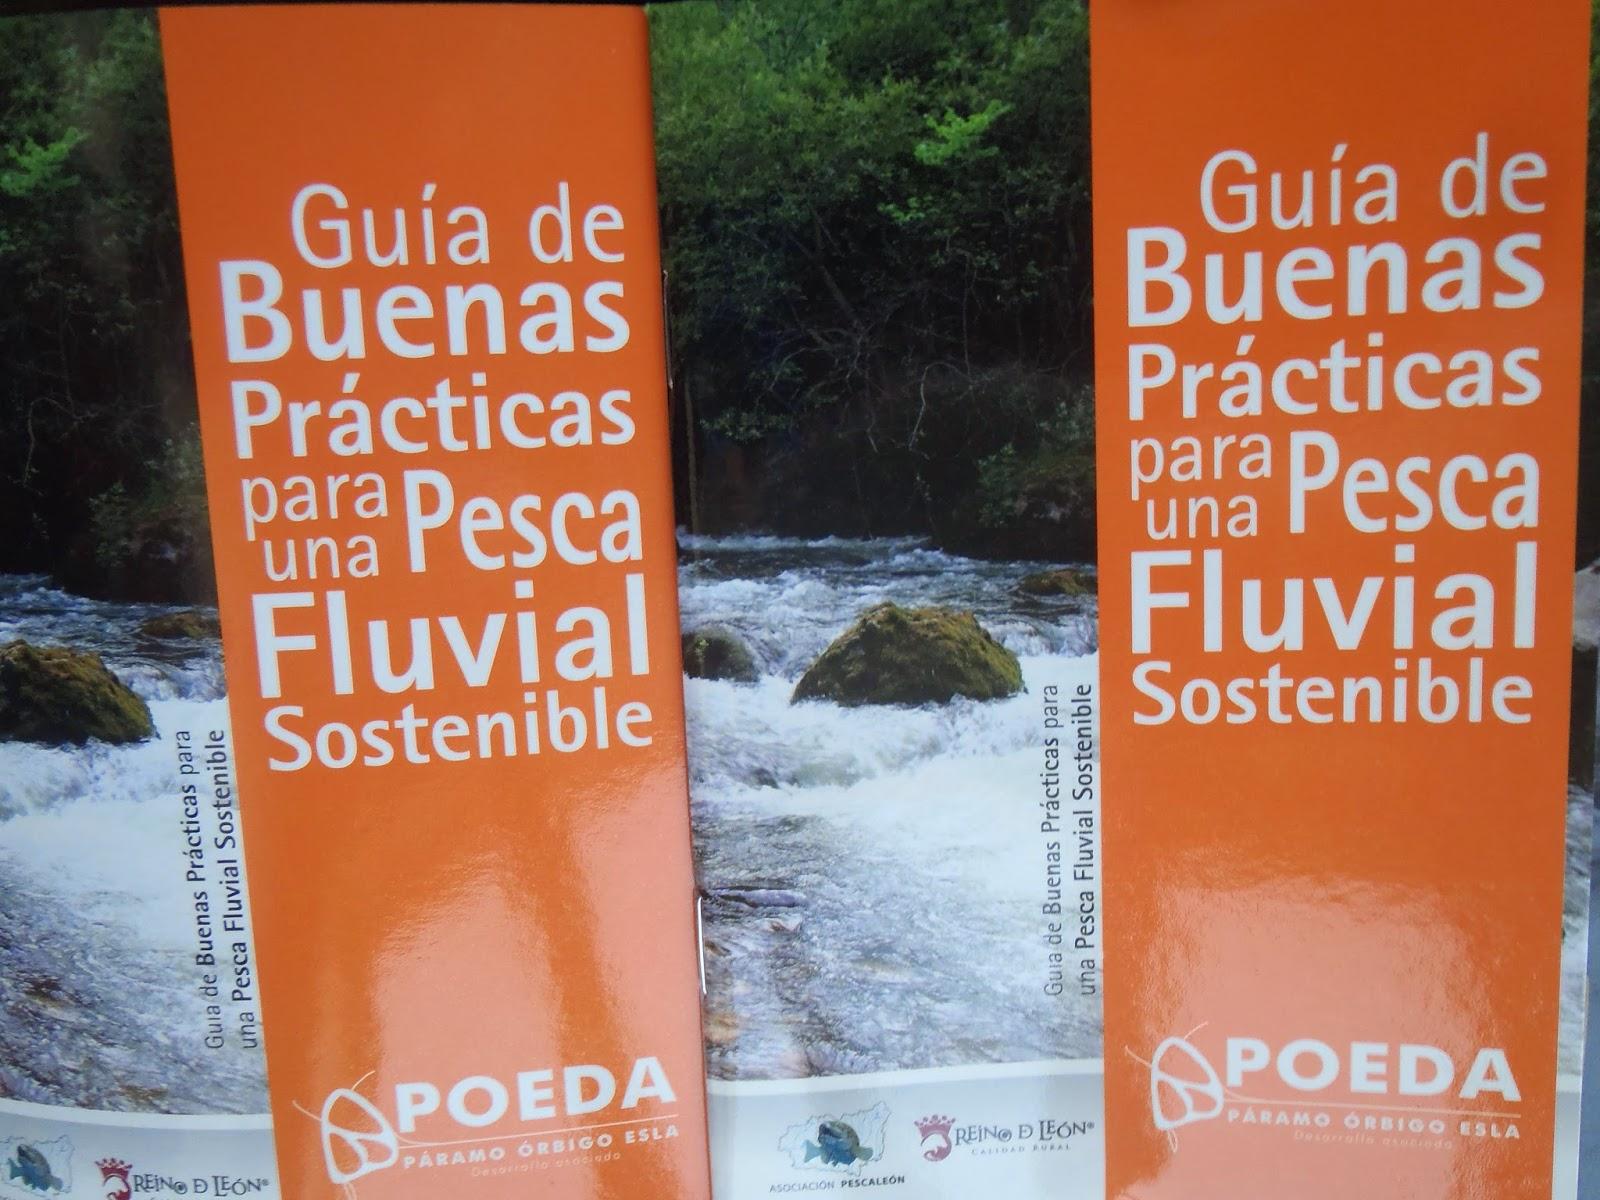 Guía de Buenas Prácticas para una Pesca Fluvial Sostenible.